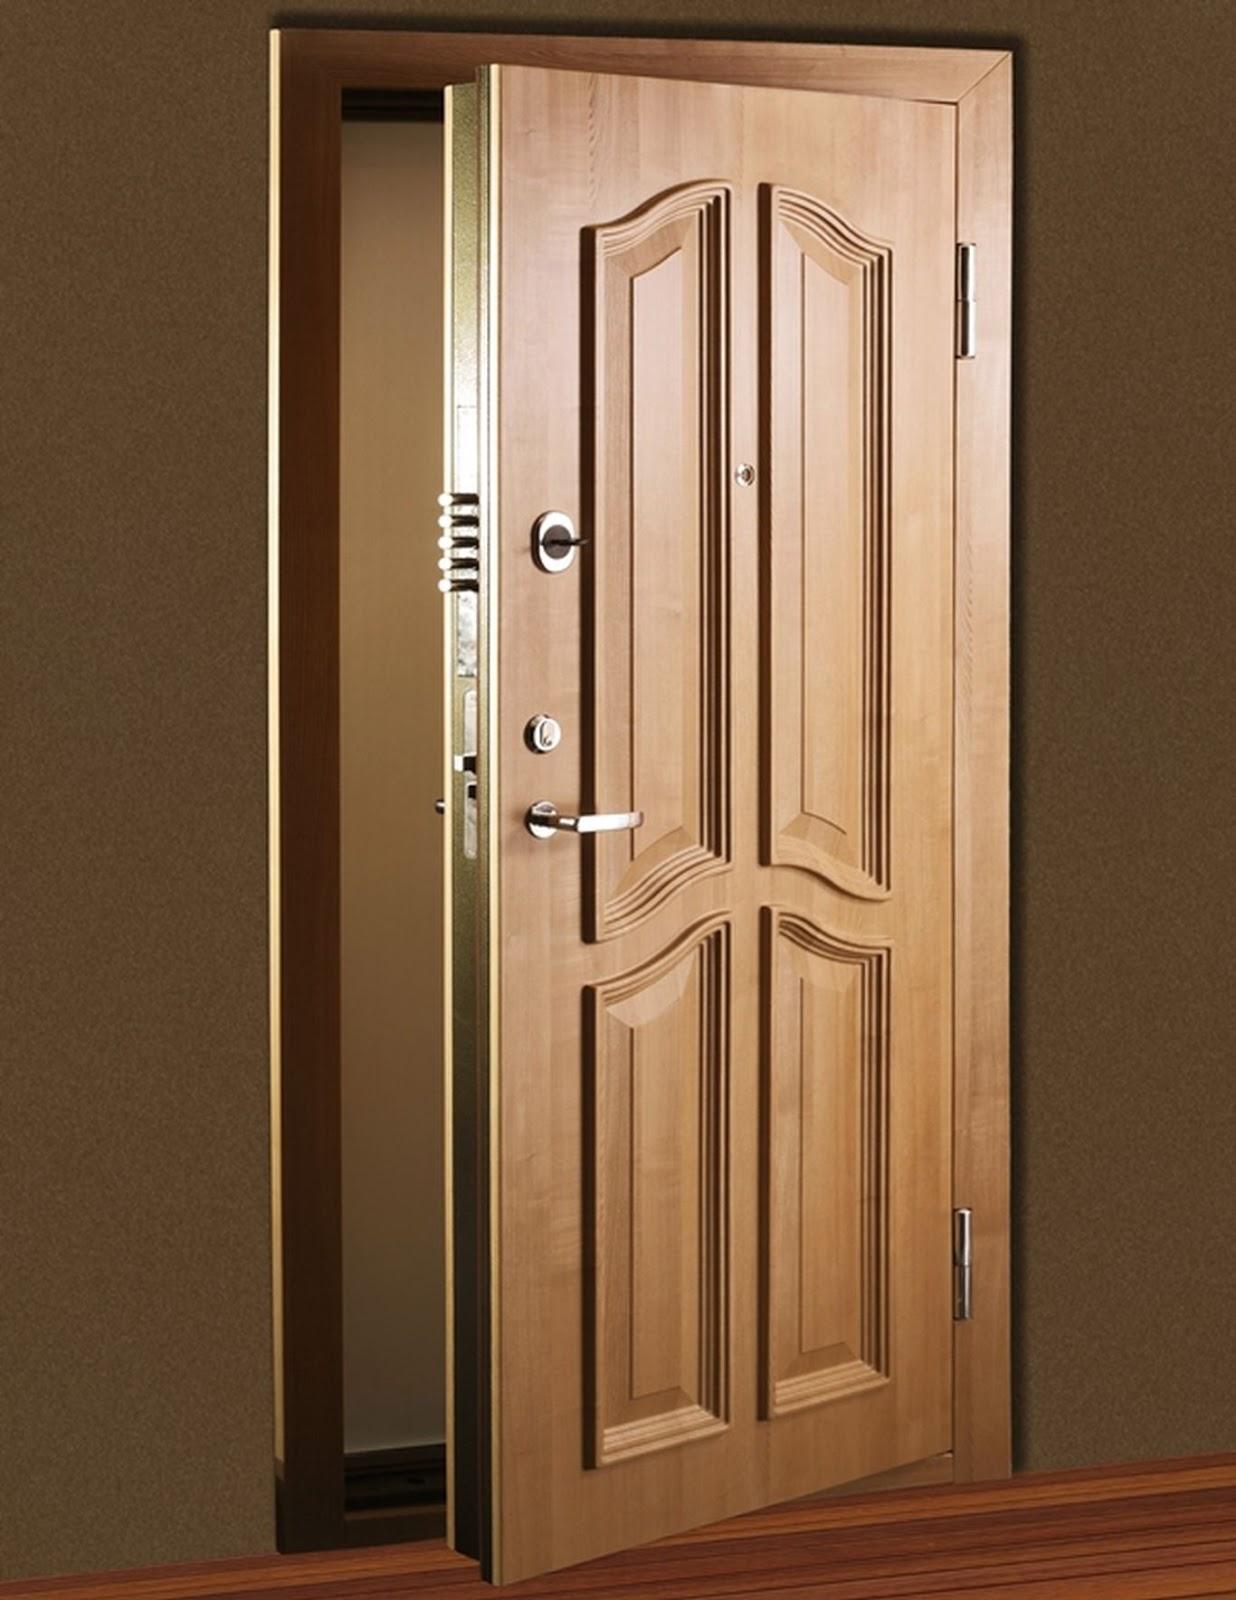 http://4.bp.blogspot.com/-0LhCqMoWGWQ/VctDLKdmyAI/AAAAAAAAARc/zx_qYiWtVQk/s1600/0041_Burglary%2Bresistant%2Bapartment%2Bfront%2Bdoor-front-doors.jpg